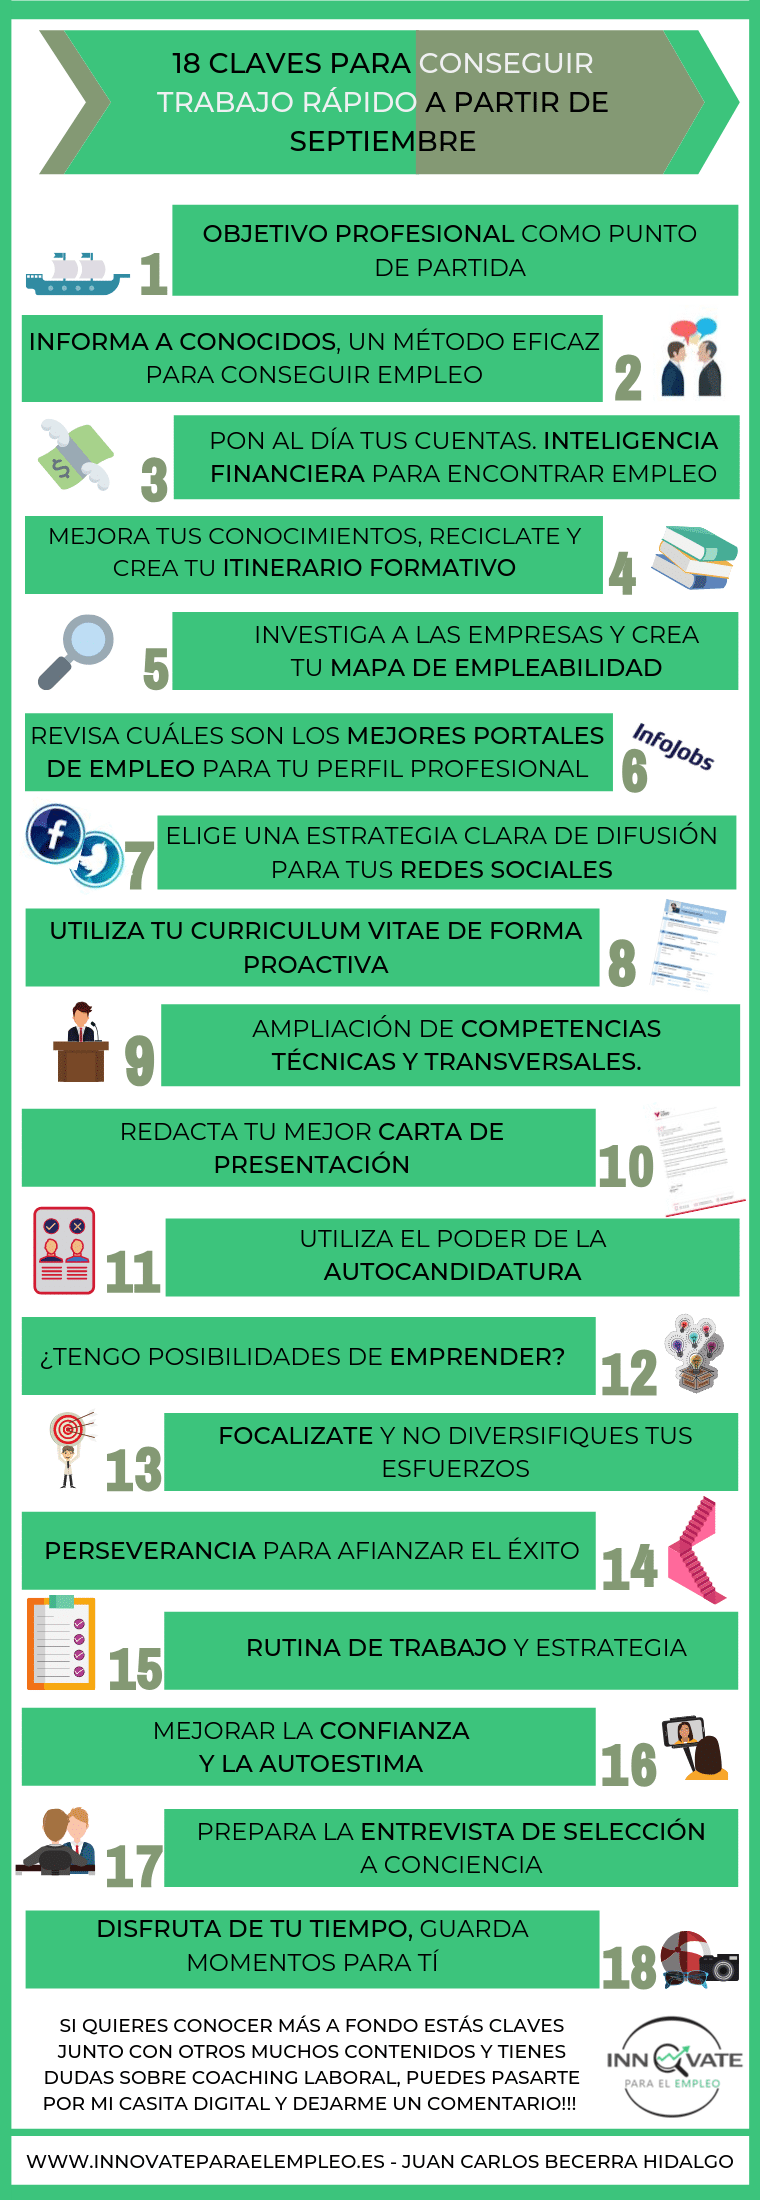 Infografía 18 claves para conseguir trabajo rápido